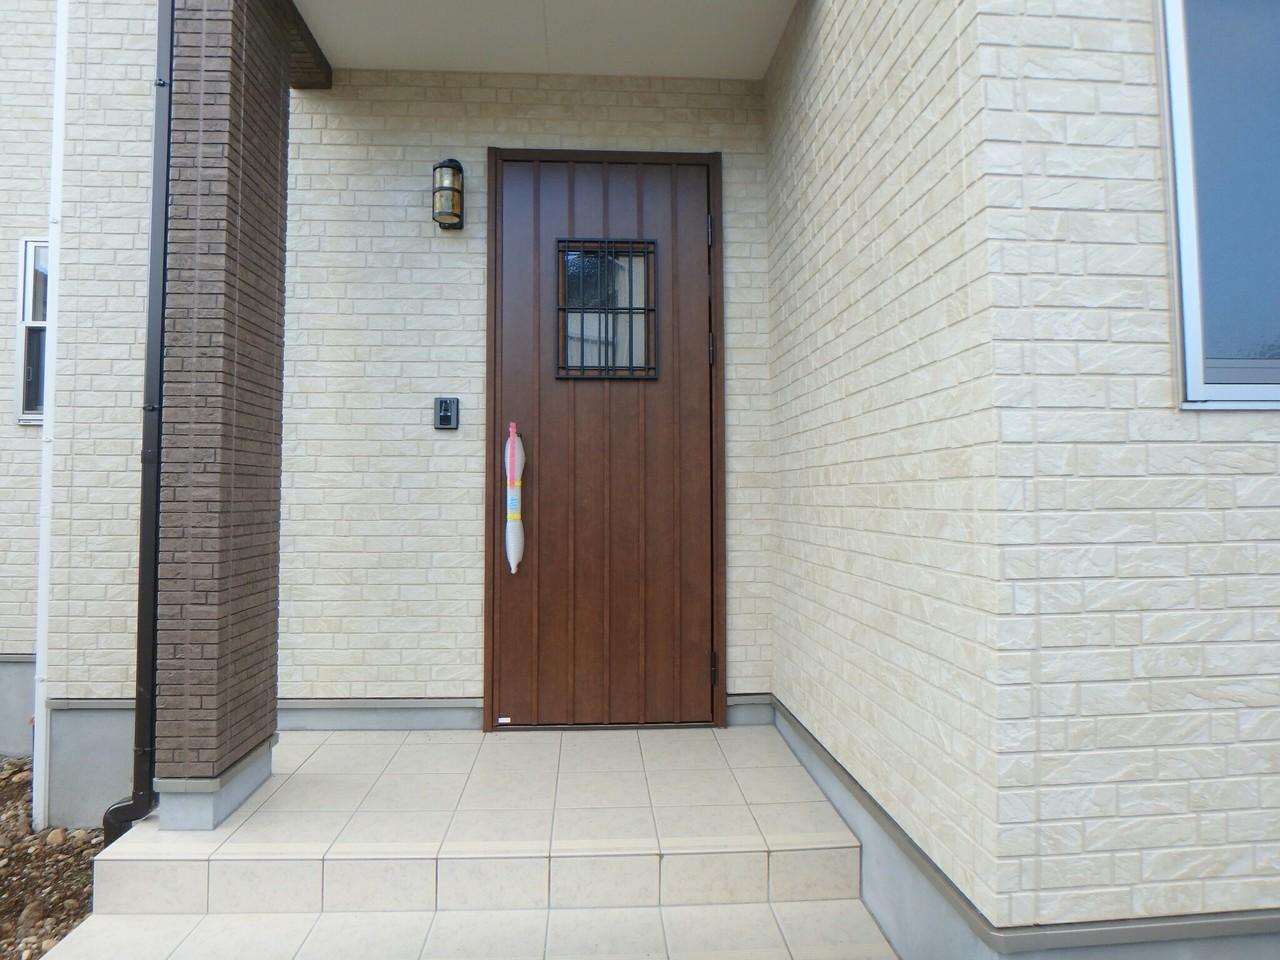 木目調の玄関と、レンガの外壁がとても落ち着いた雰囲気になっていますね。